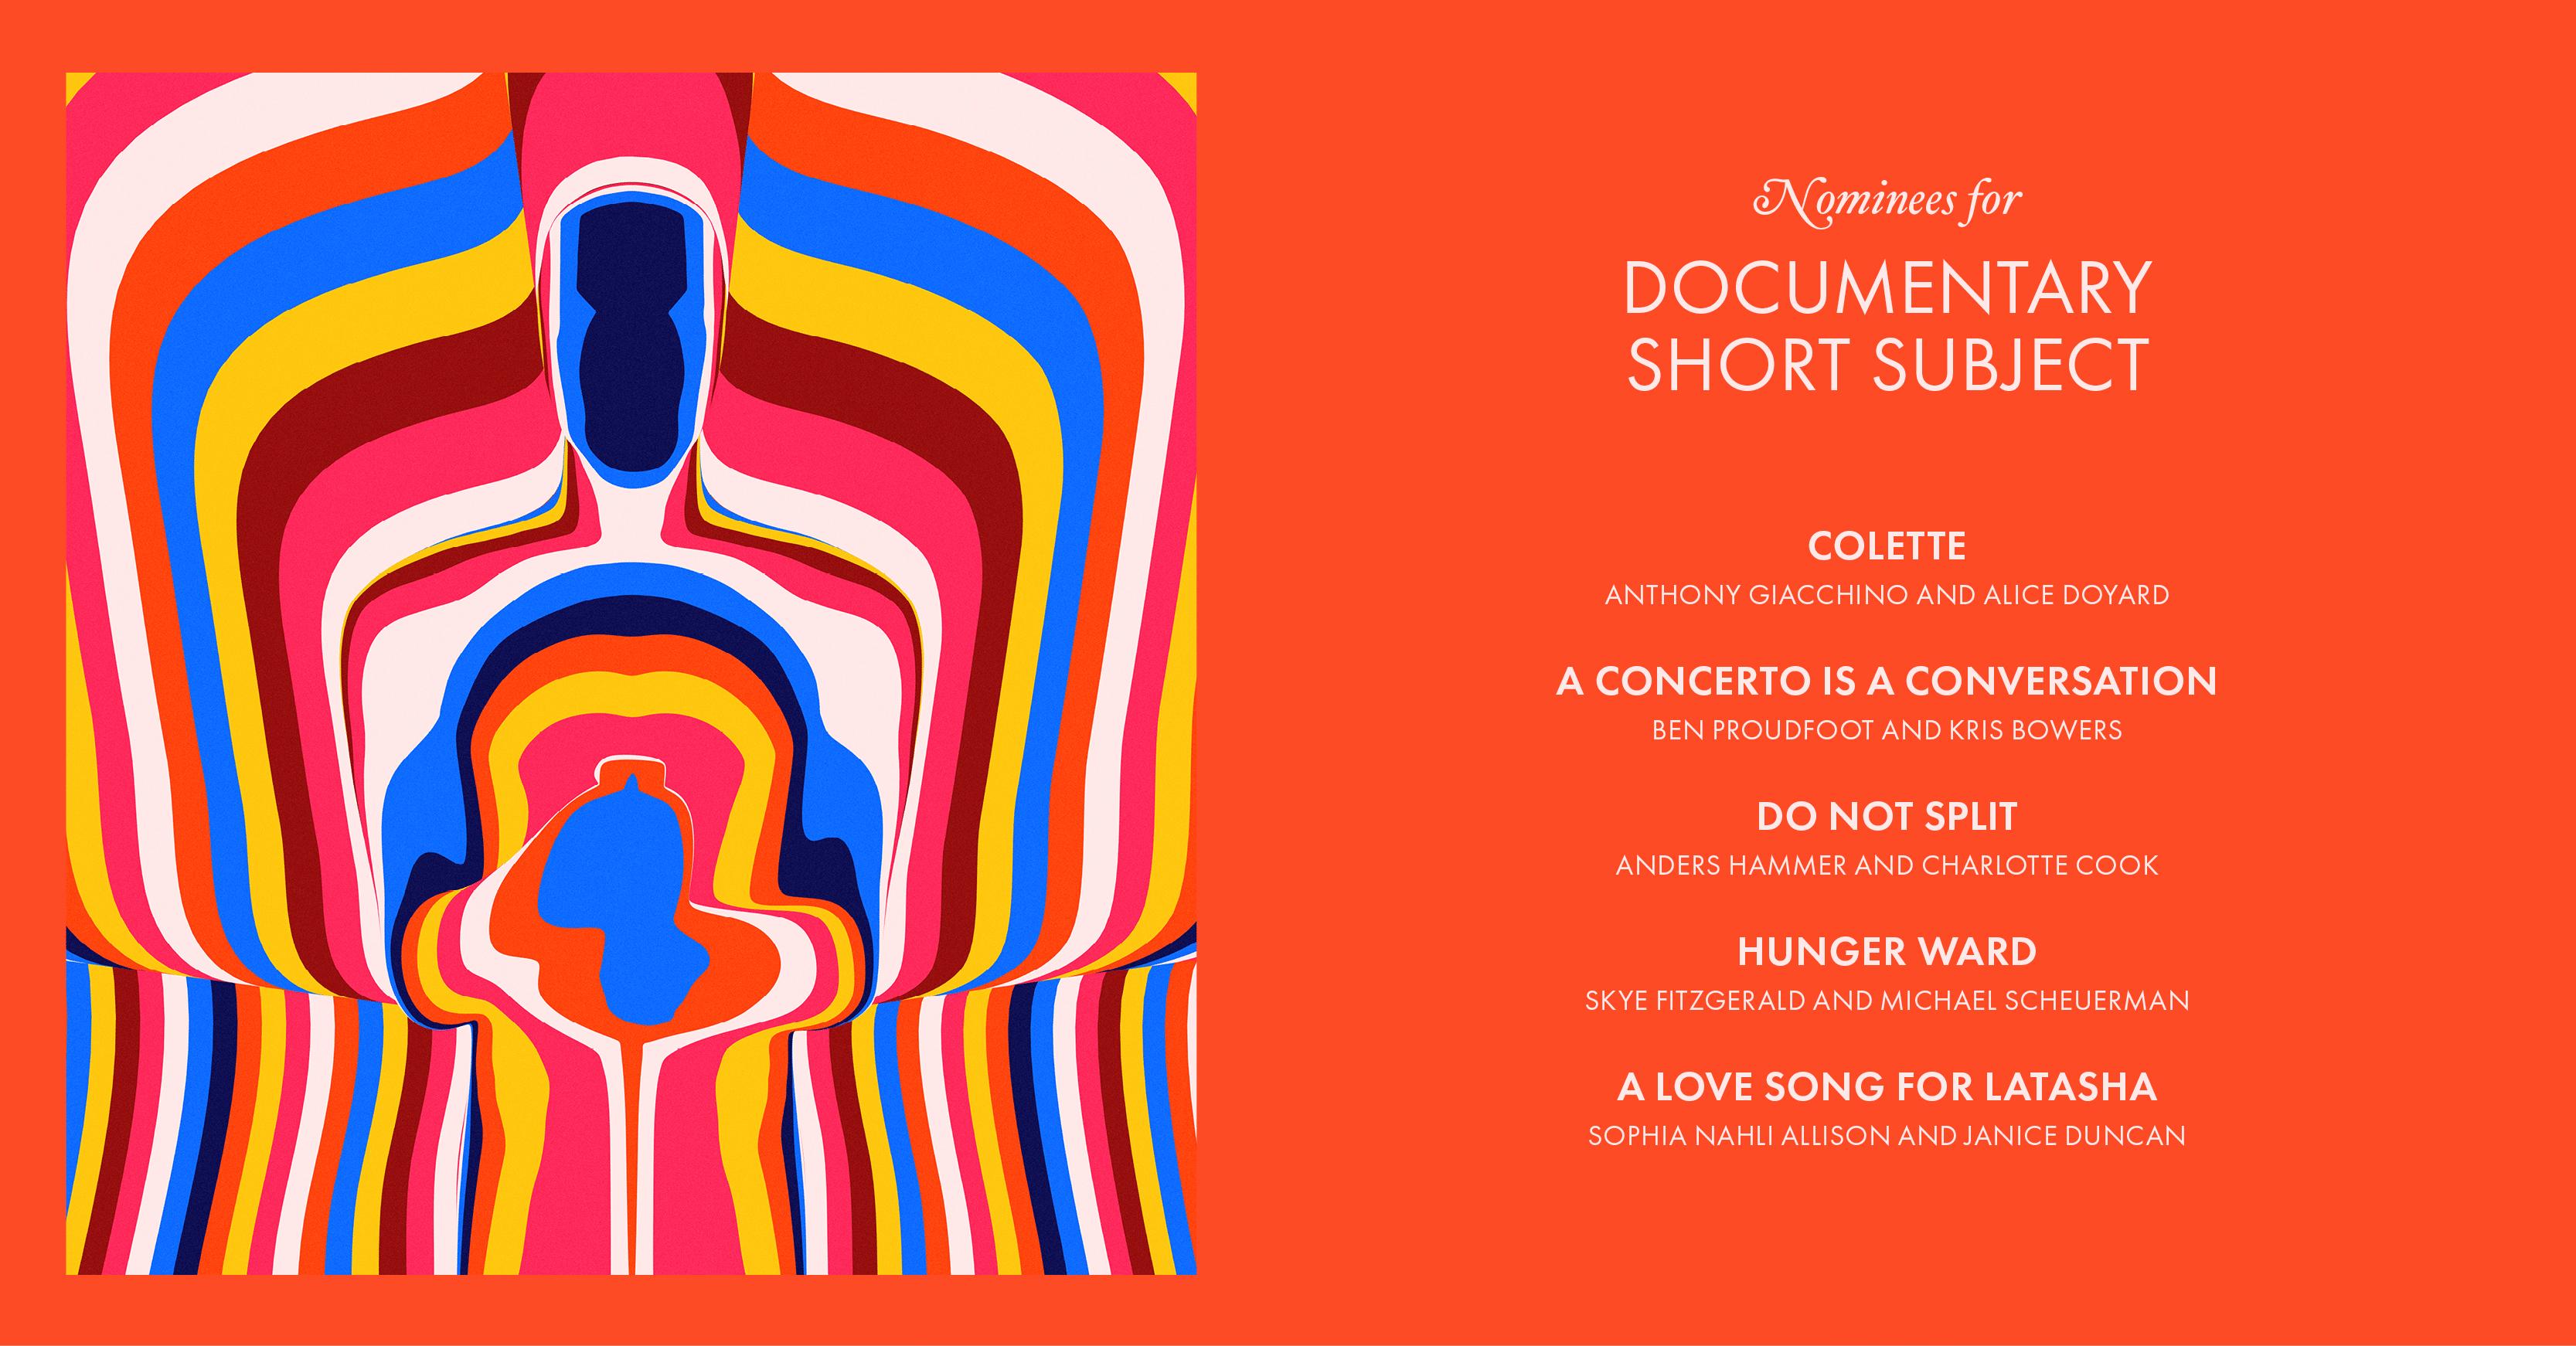 Oscar 2021 Migliori Cortometraggi Documentari